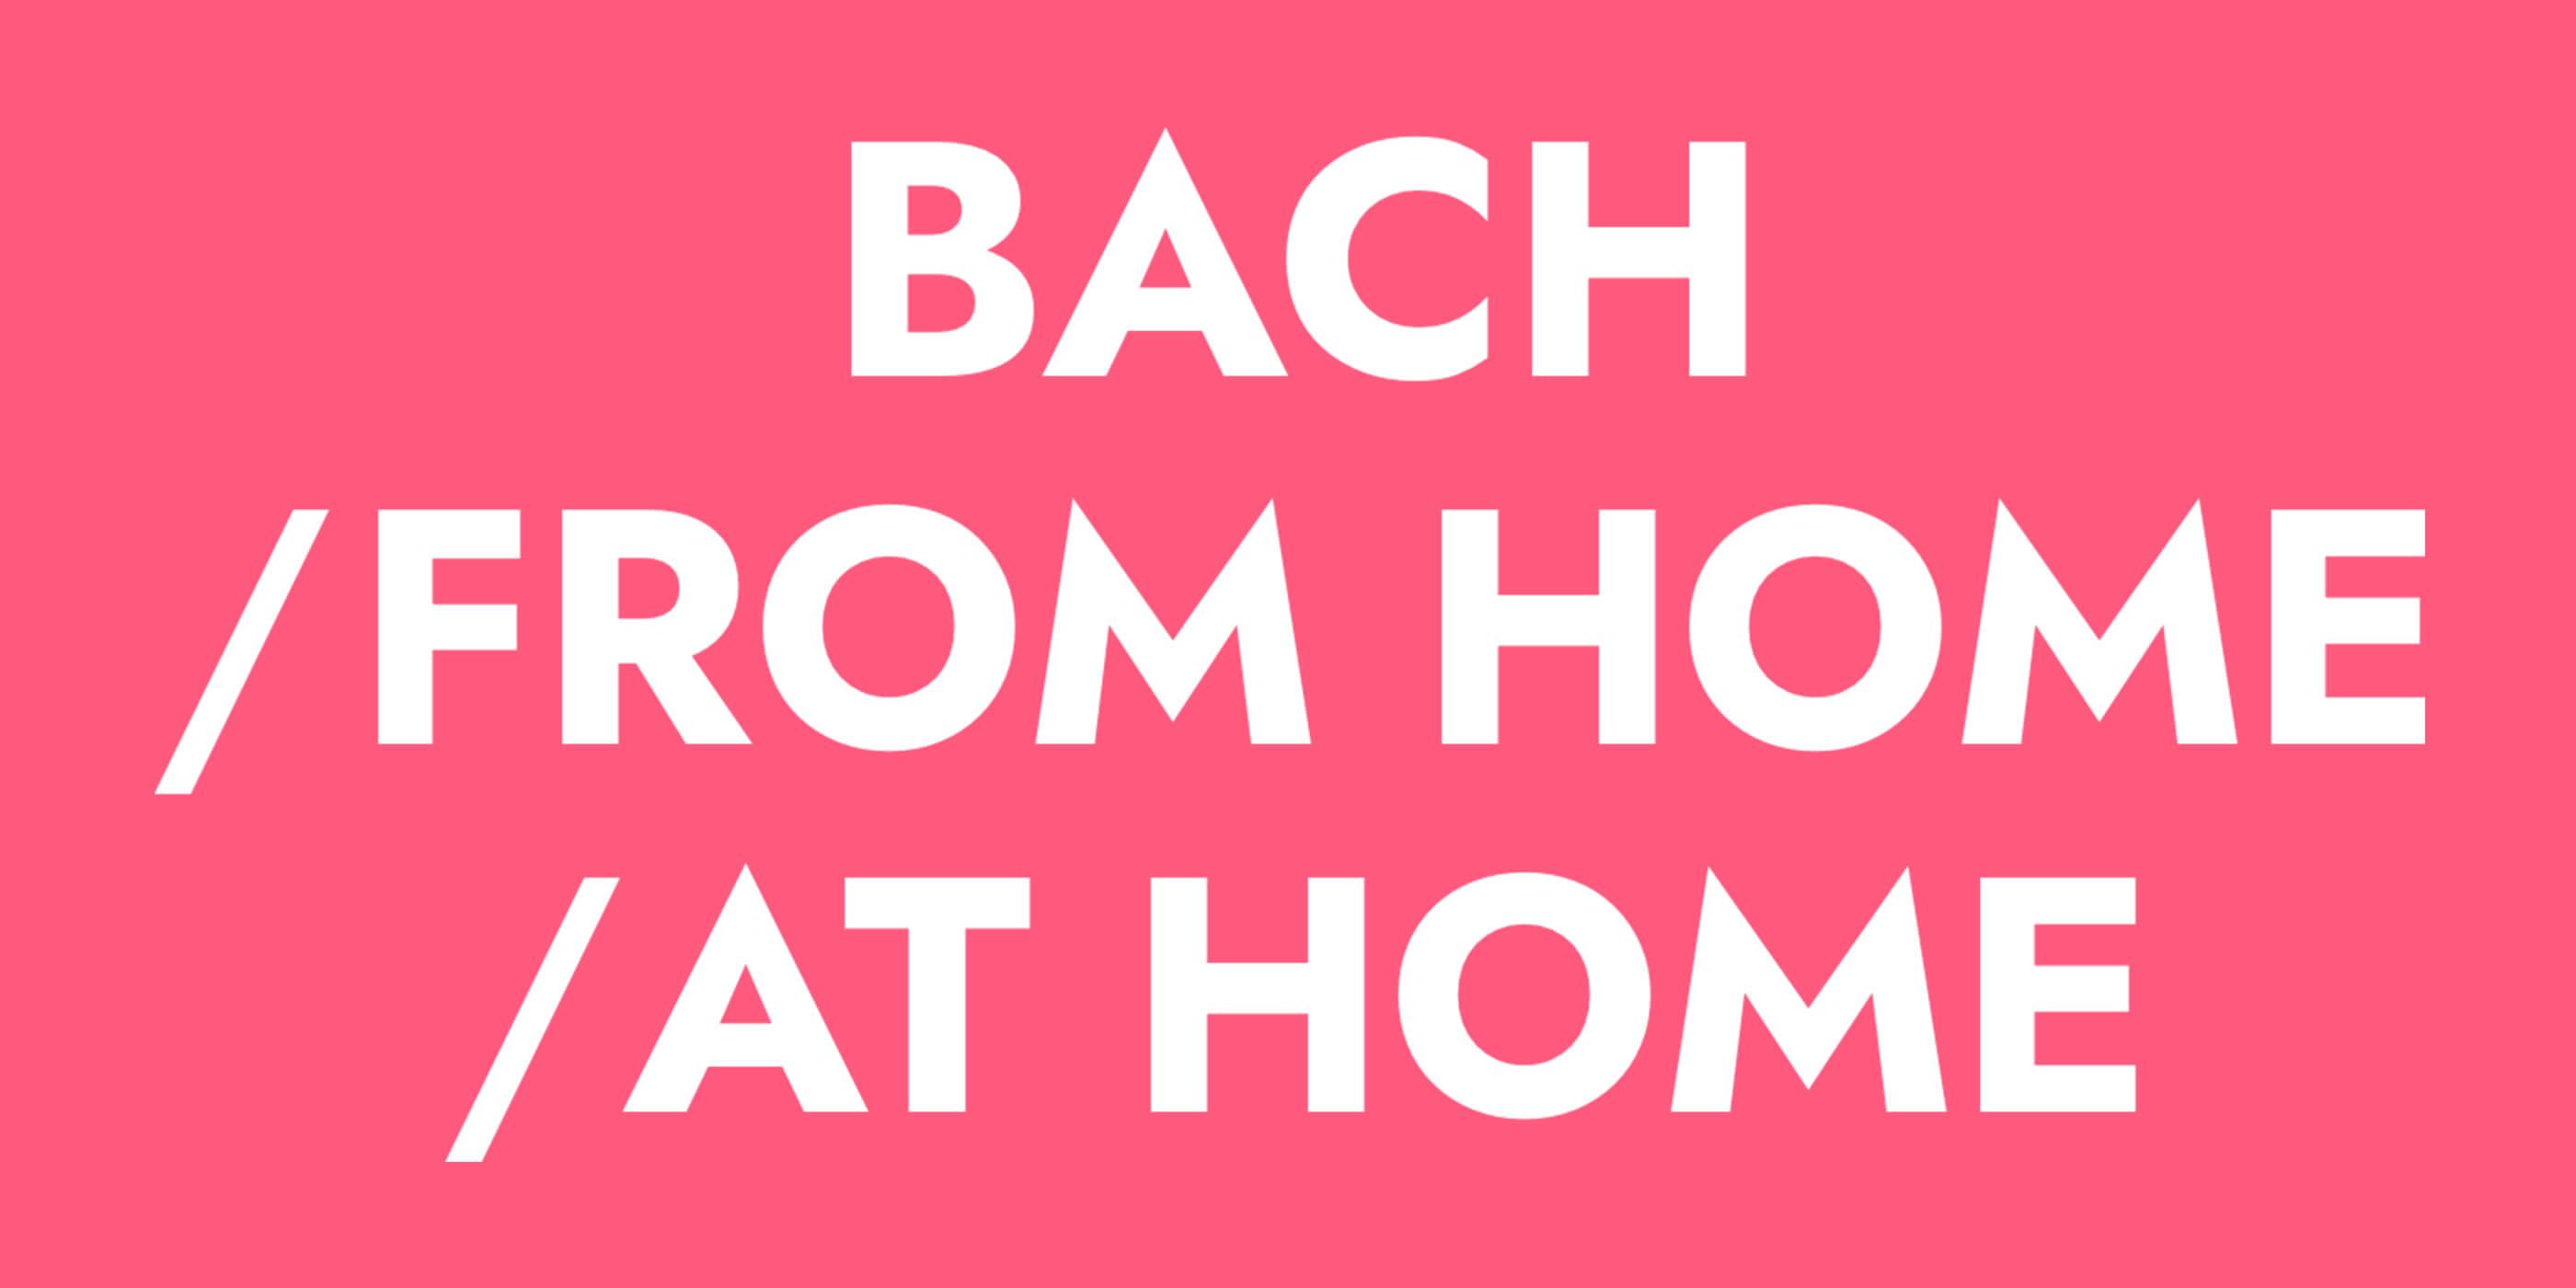 Die BIldmarke / Logo für Bach From Home At Home